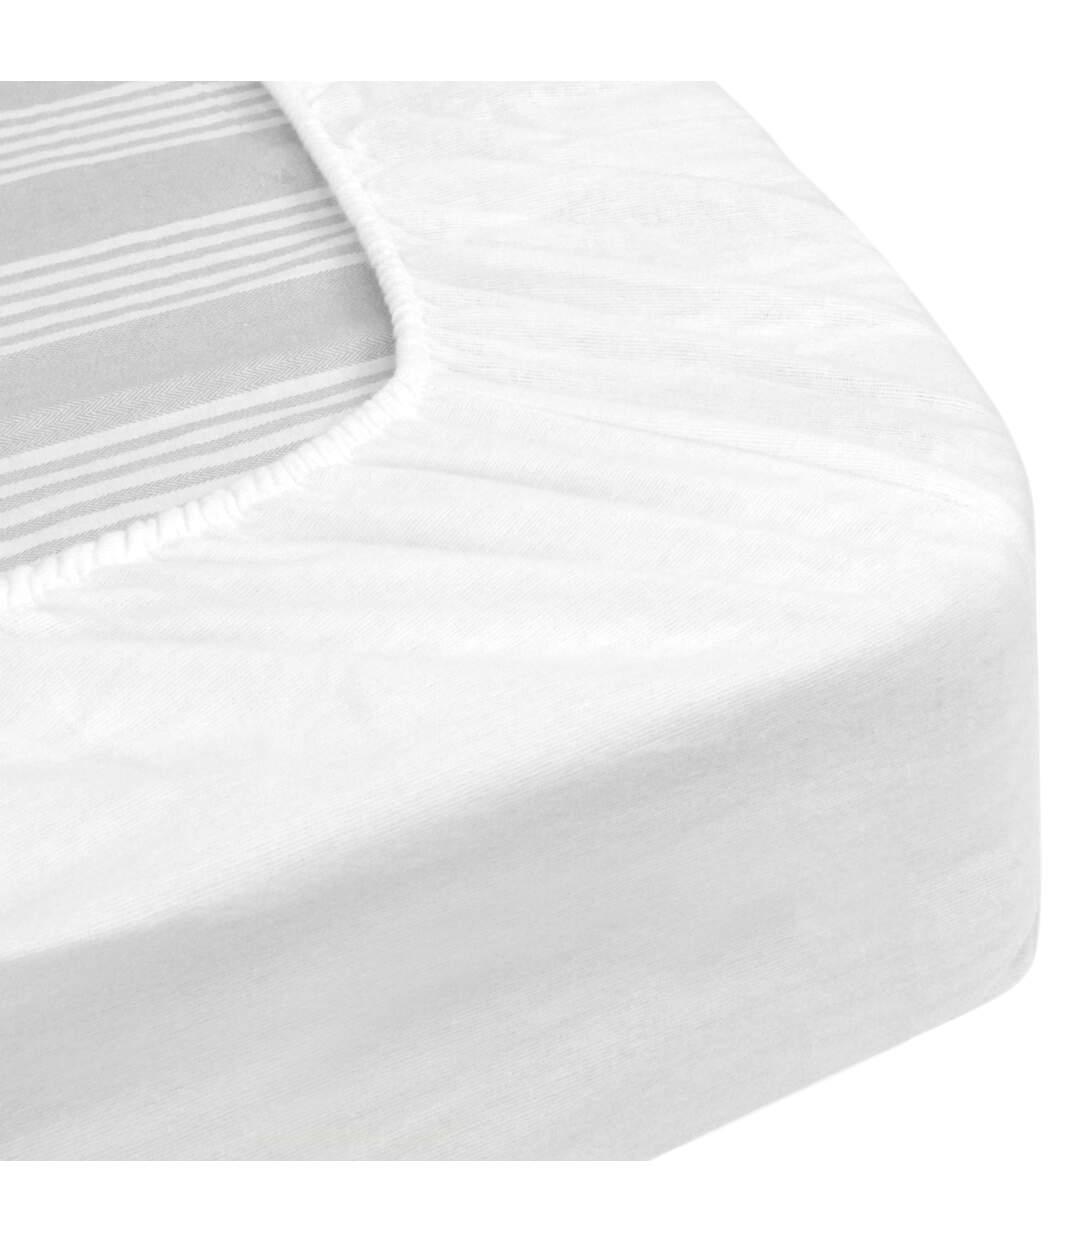 Protège matelas imperméable 160x190 cm bonnet 30cm ARNON molleton 100% coton contrecollé polyuréthane